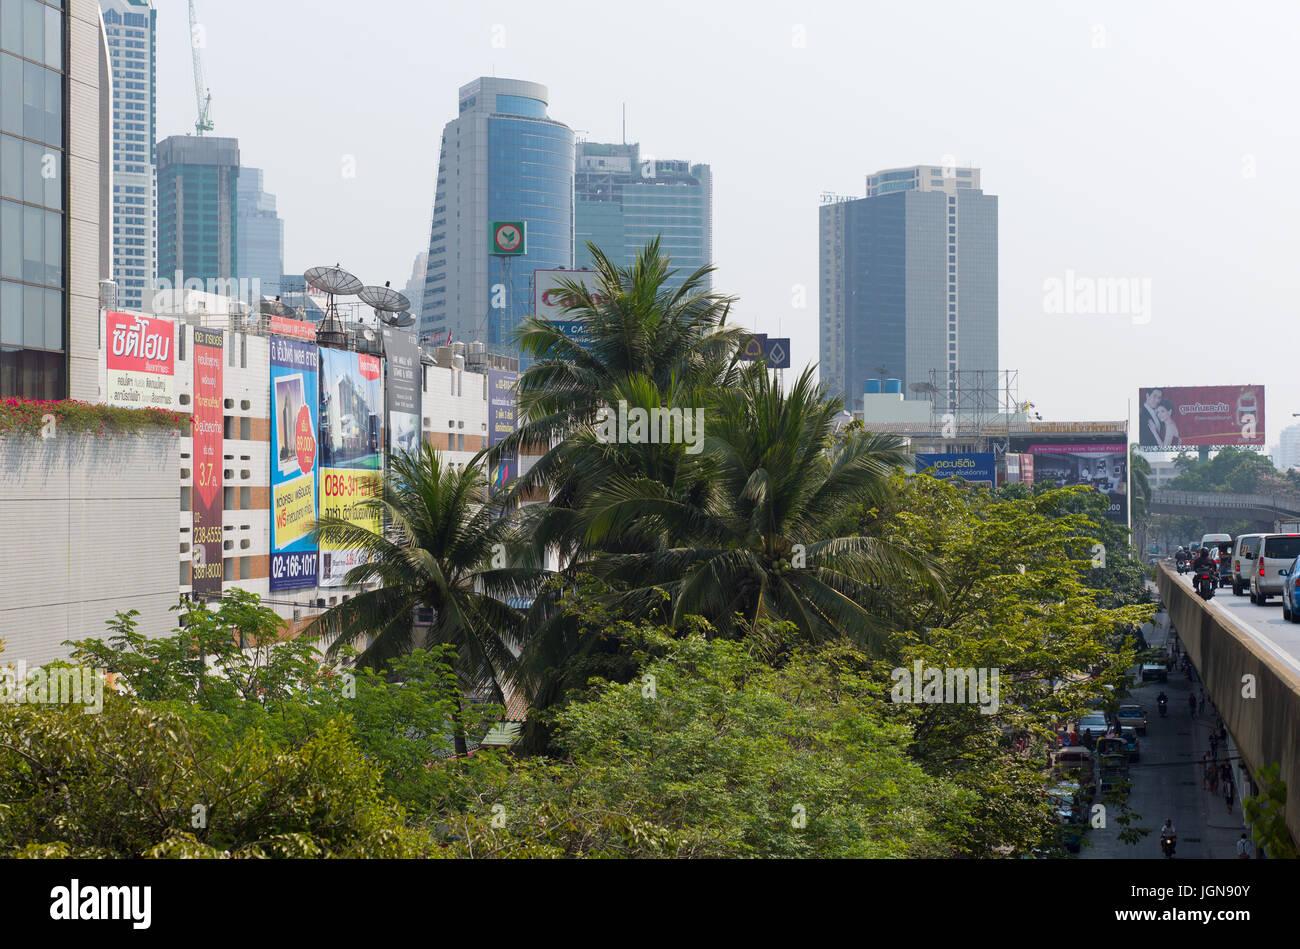 Bangkok Thailand Apartment Block Stockfotos & Bangkok Thailand ...